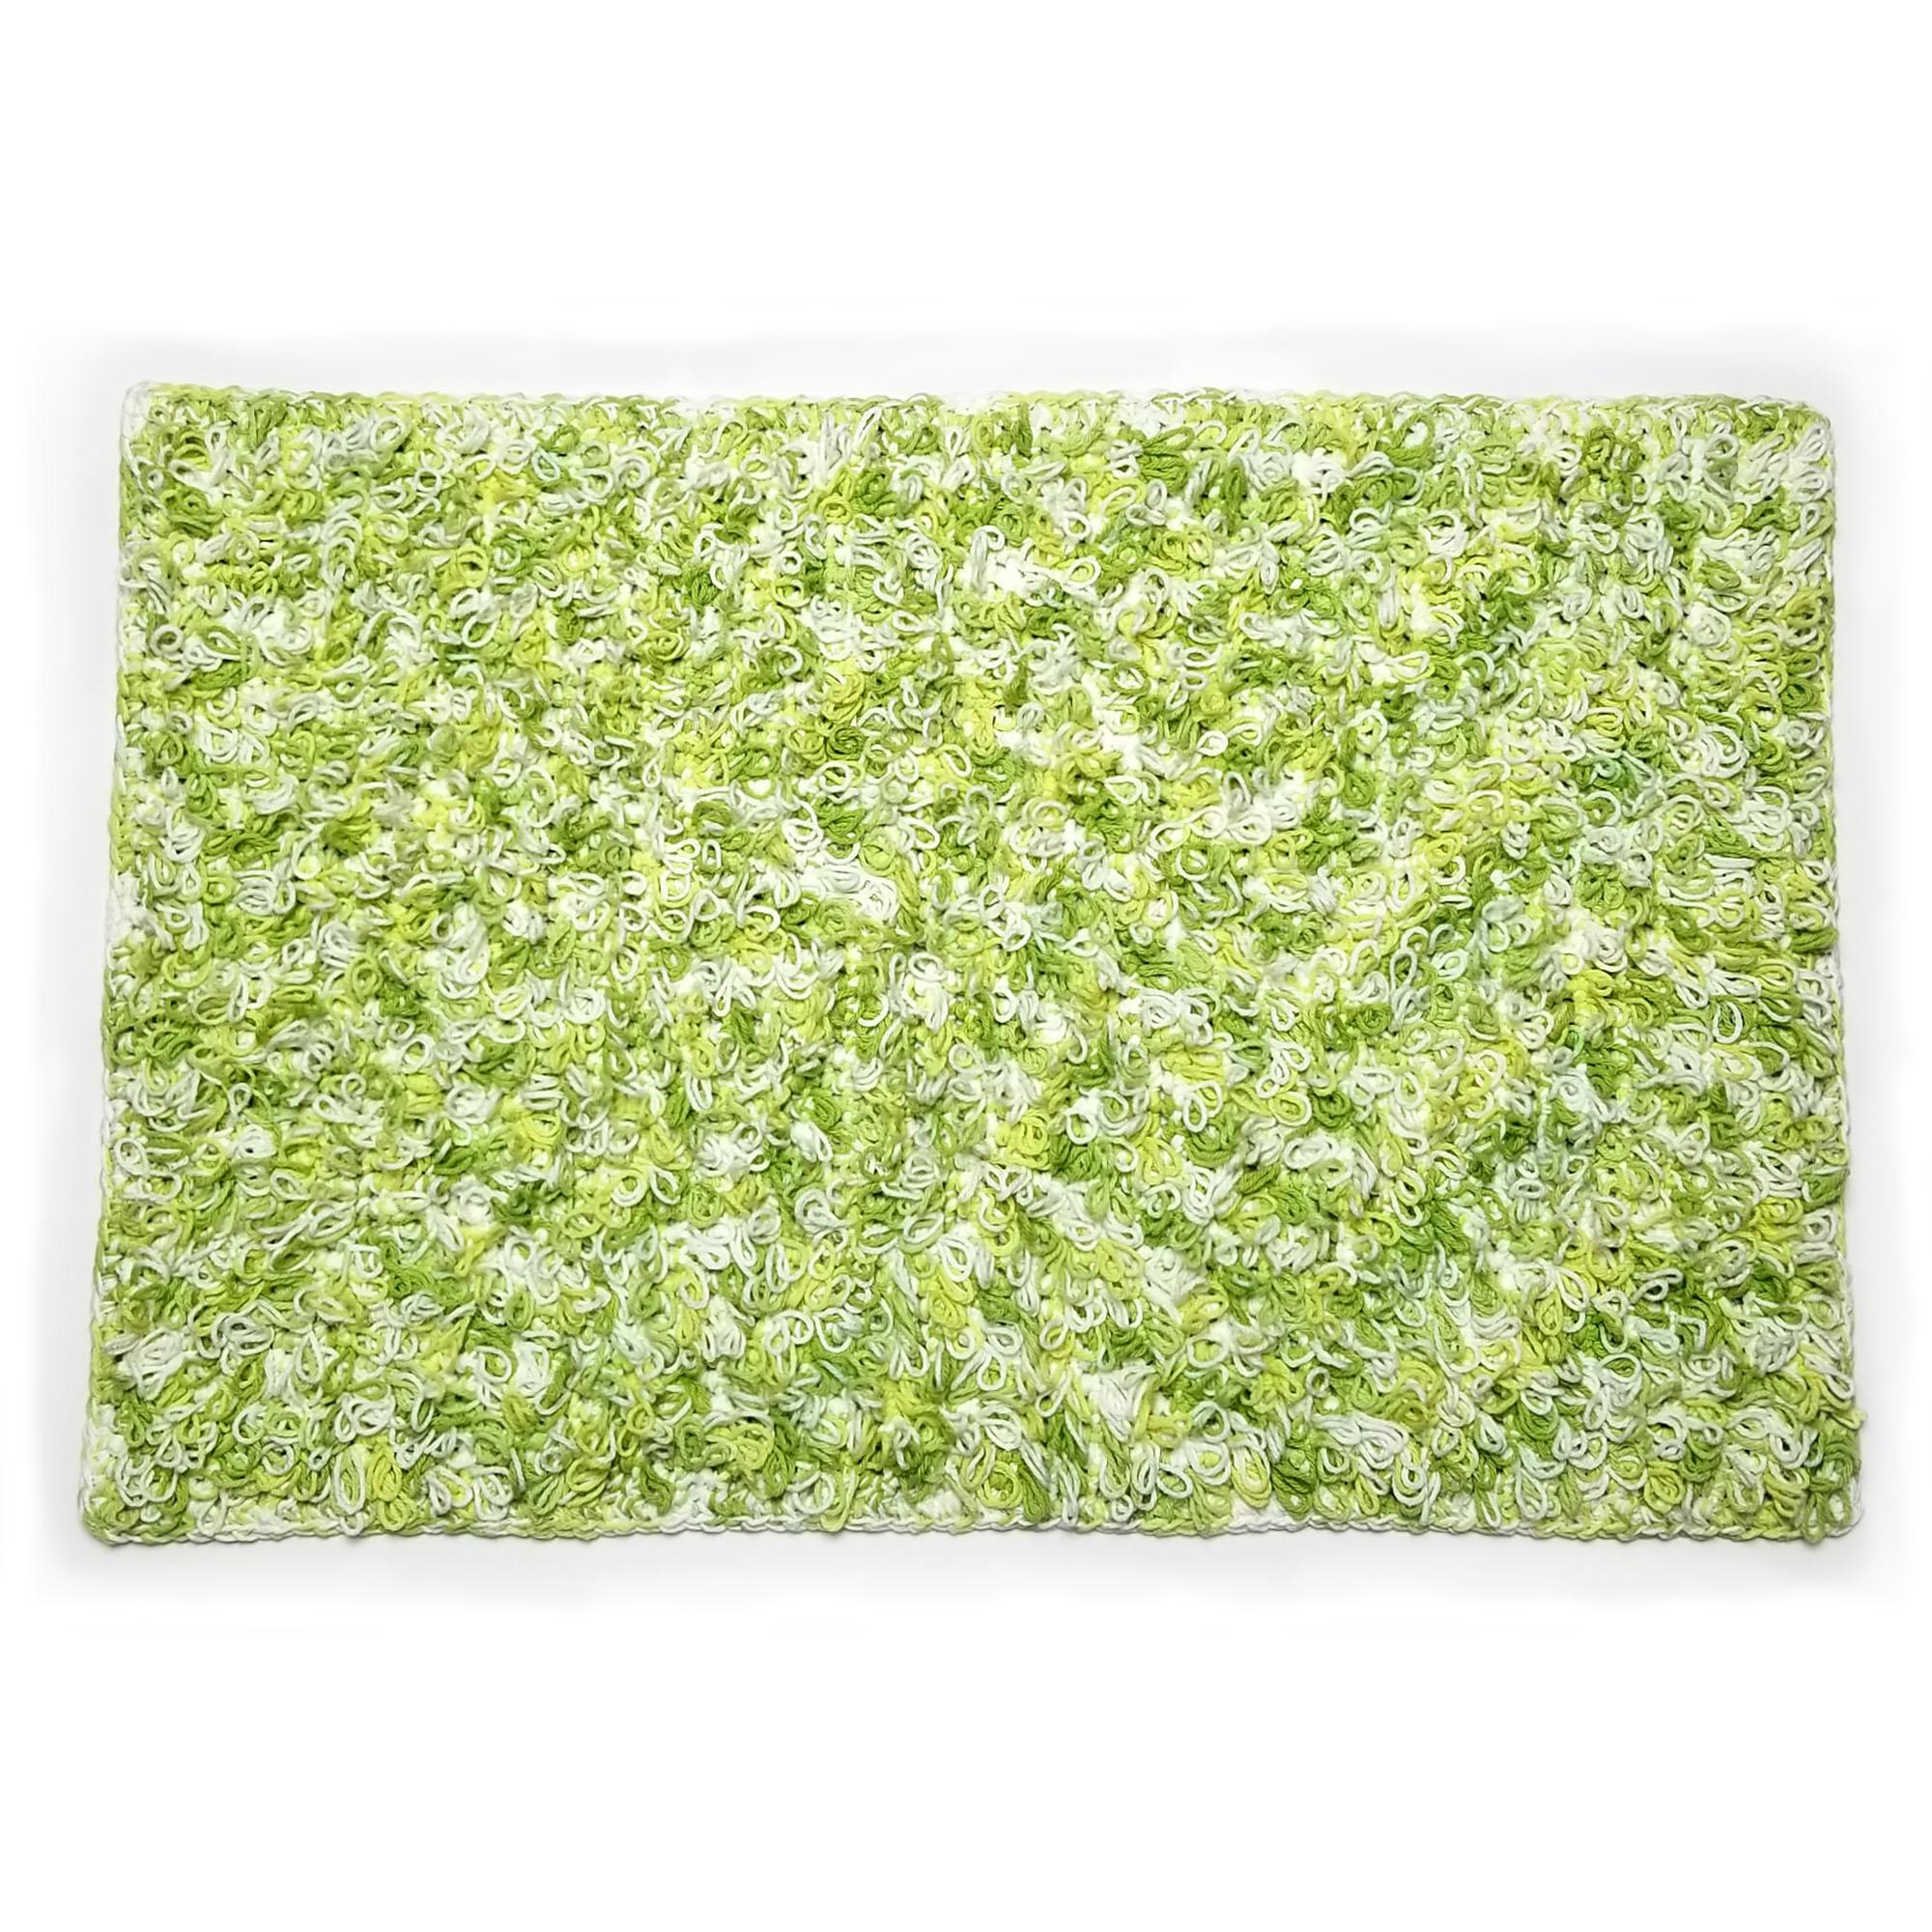 Crochet Lawn Rug